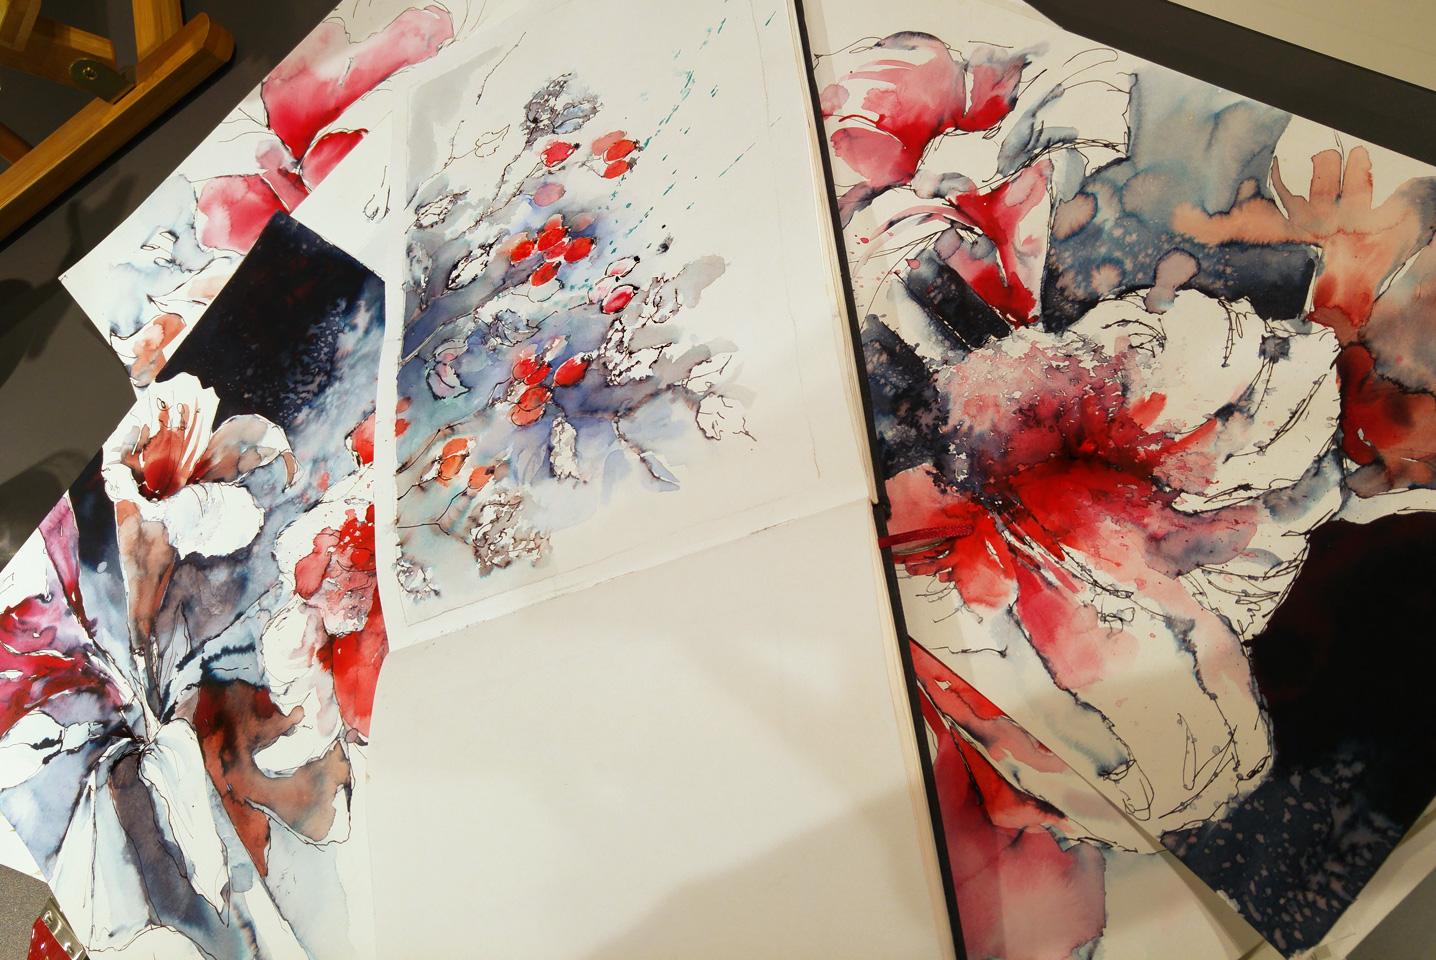 Werke in Rot und Indigo von Audry Bucks auf Hahnemühle Aquarelle Papieren.